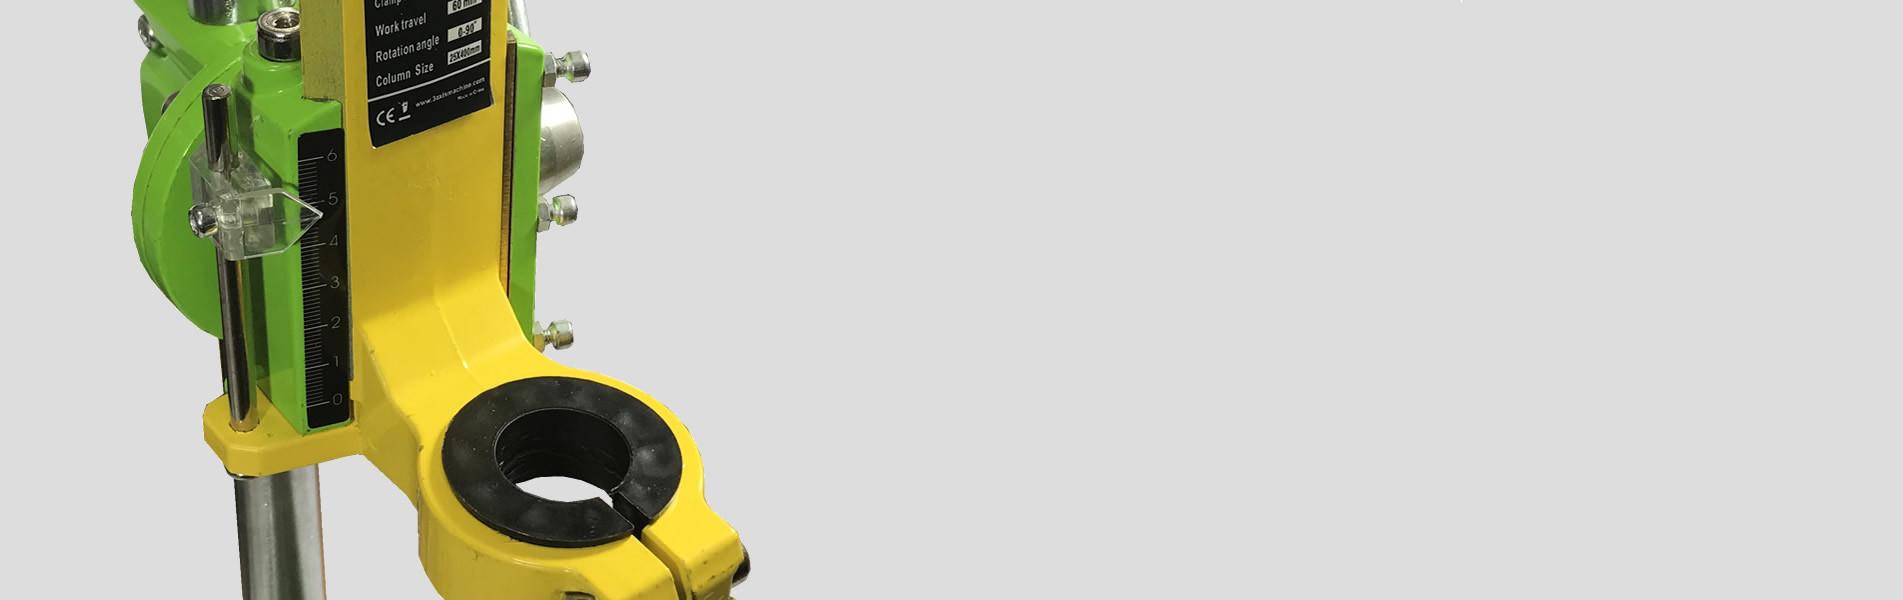 ابزارهای دستی خاص ، که تنها در روبوت ابزار یافت می شود